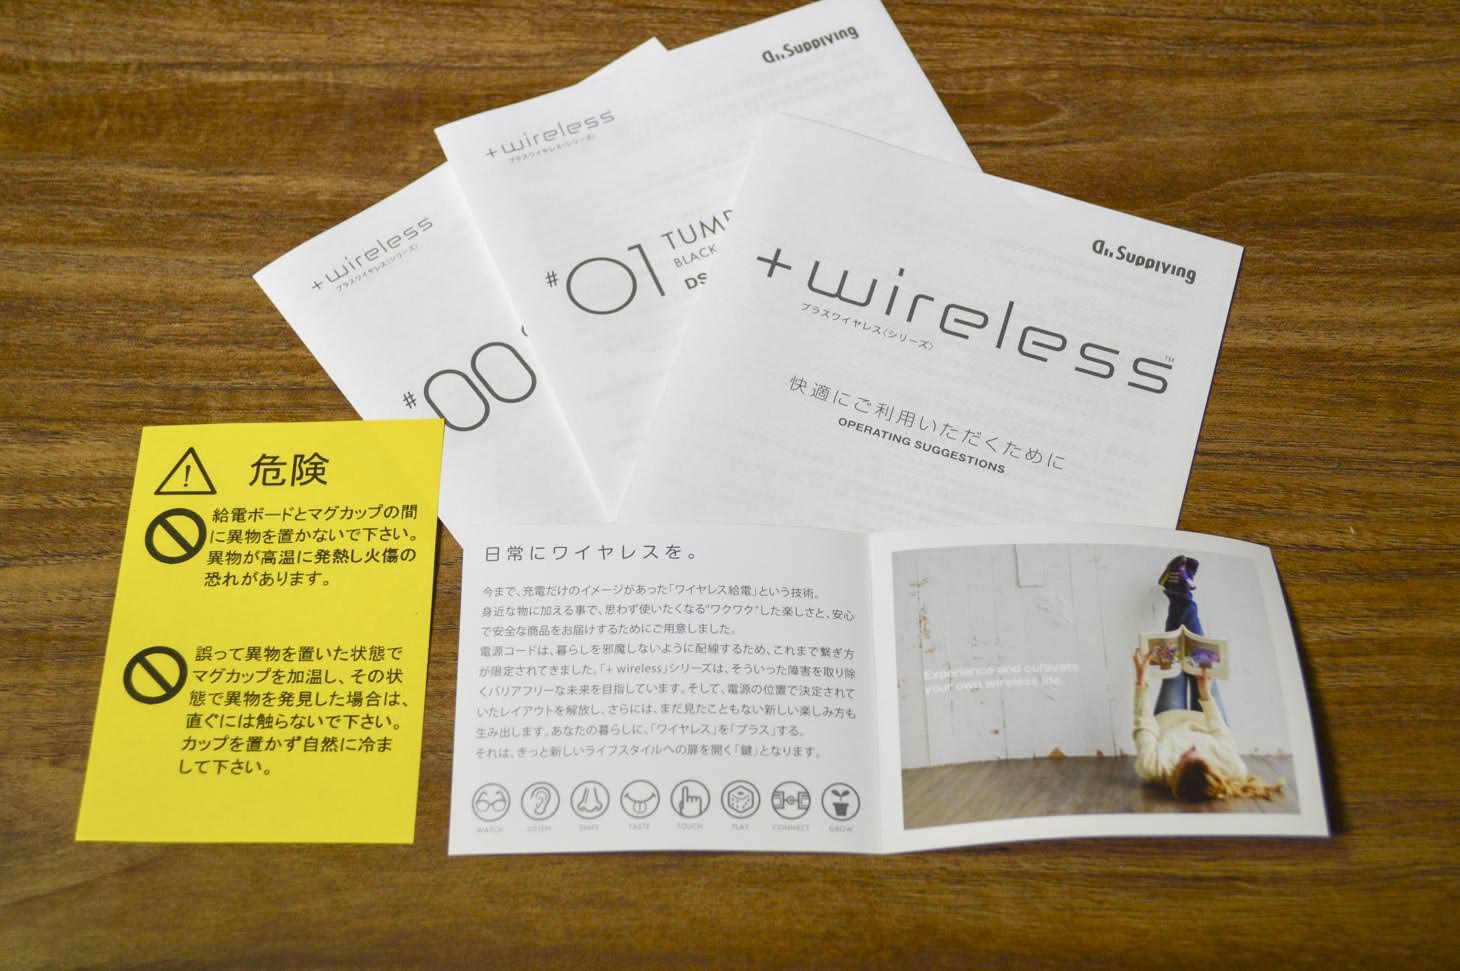 004_20160327_plus-wireless